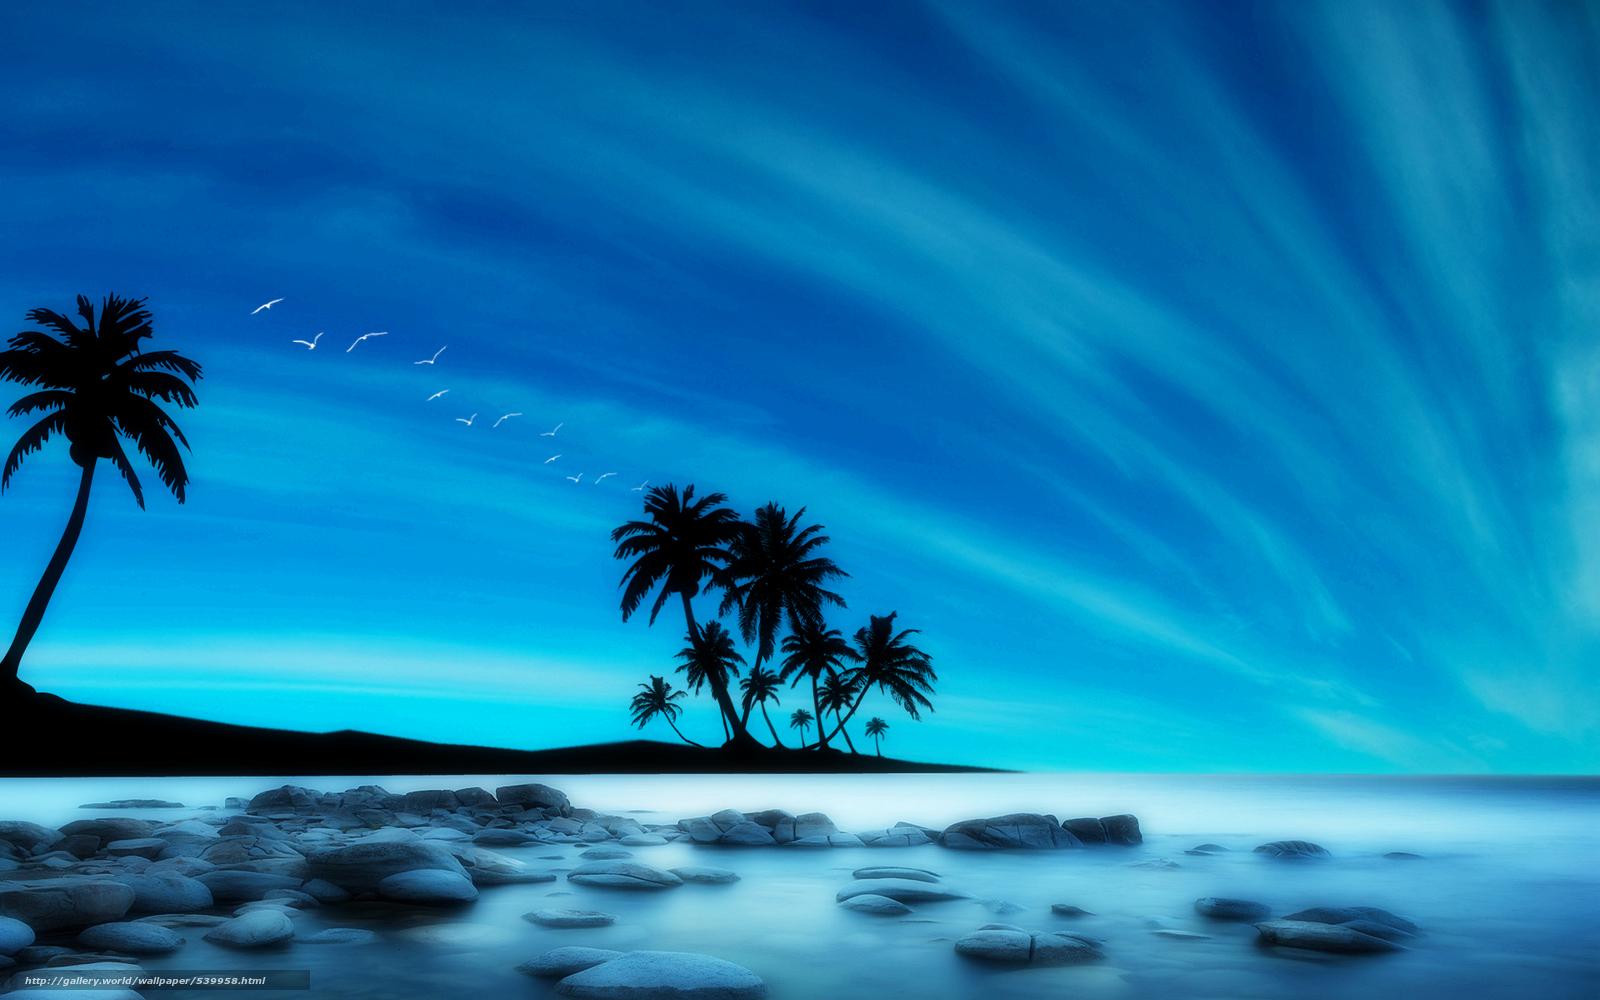 Scaricare gli sfondi mare palme paesaggio 3d sfondi for Sfondi per desktop 3d